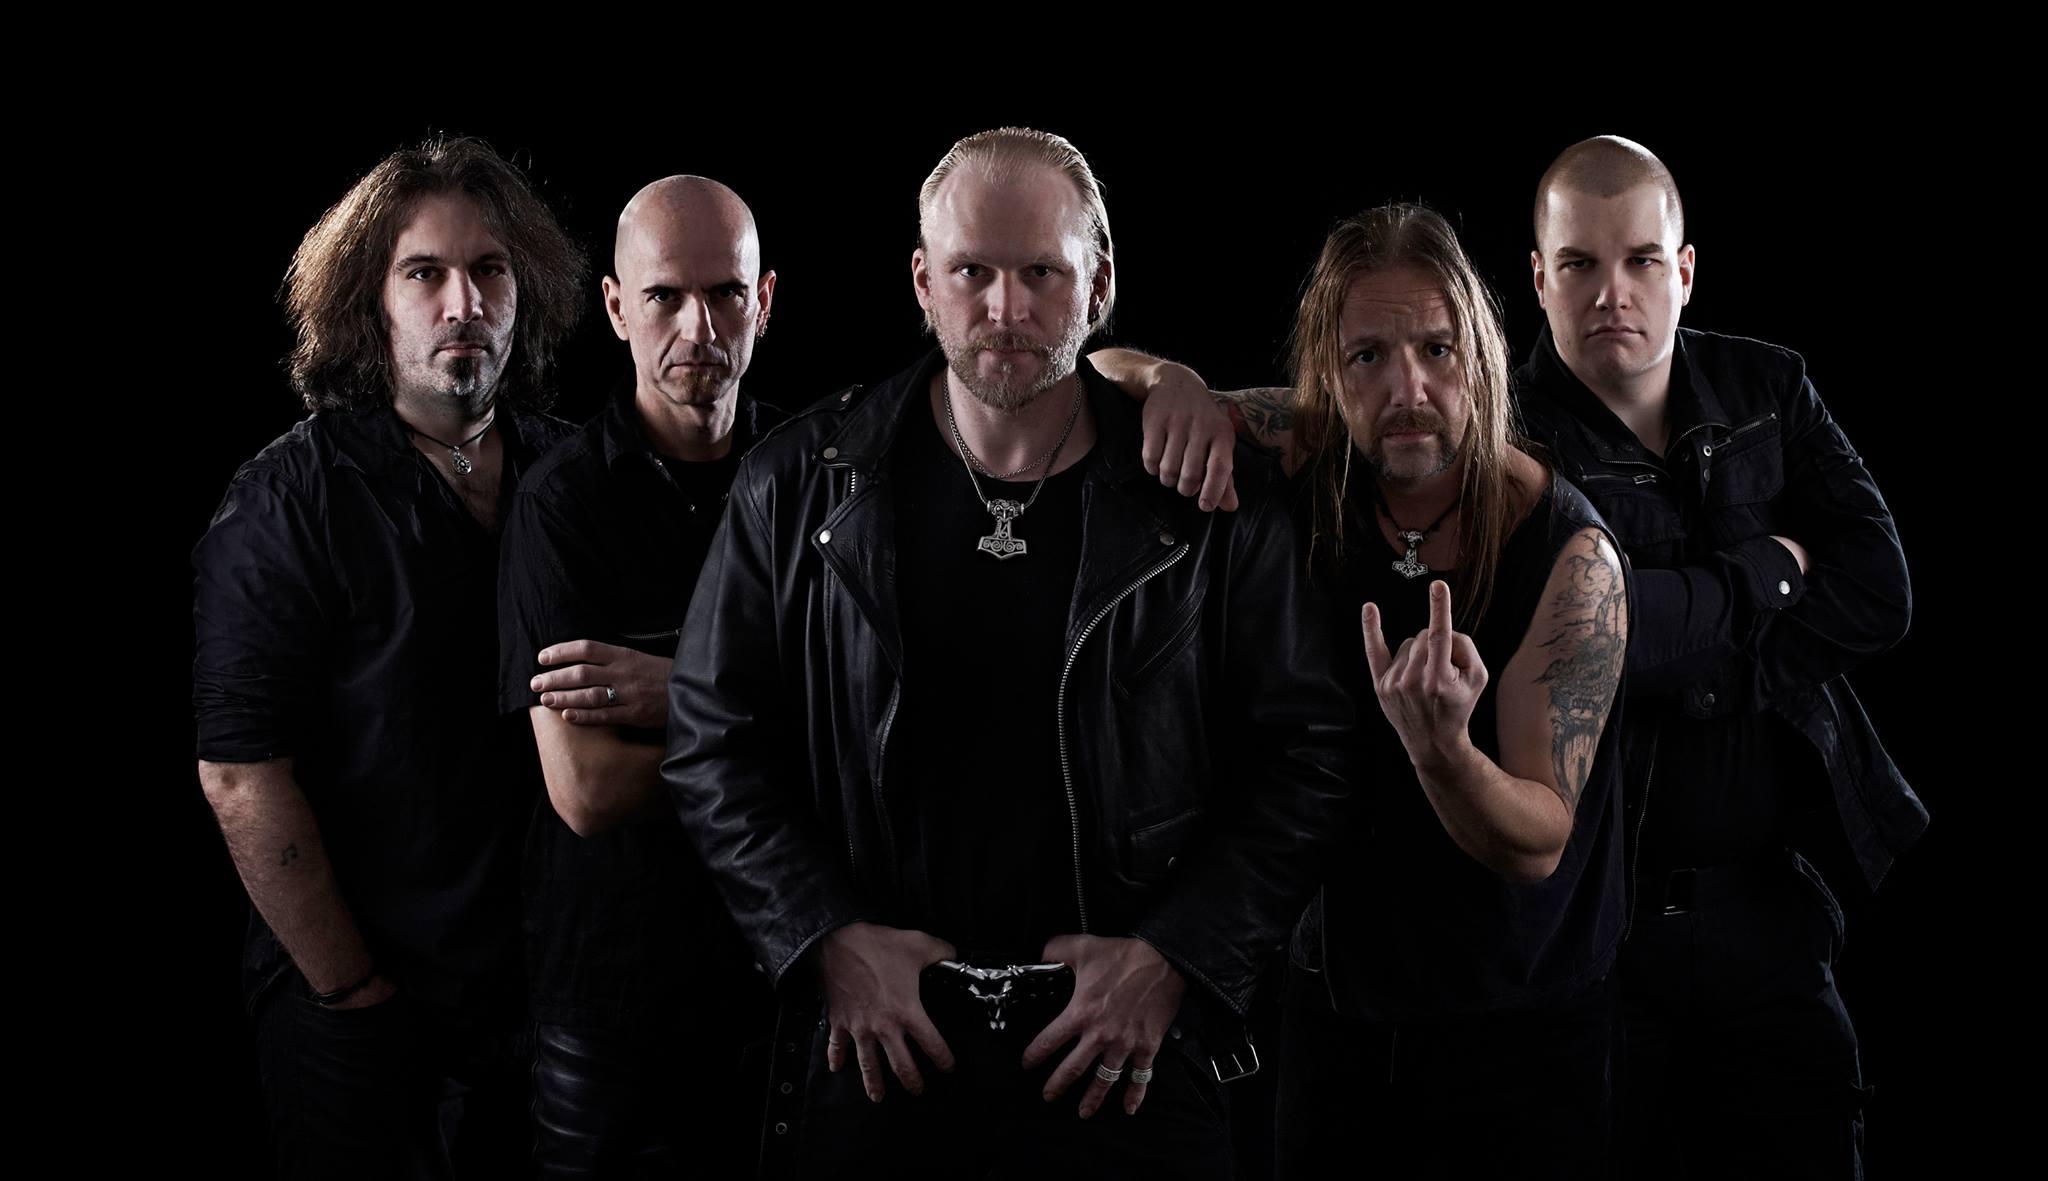 Die Gießener Heavy Metal-Helden von REBELLION geben die Zusammenarbeit mit NauntownMusic bekannt